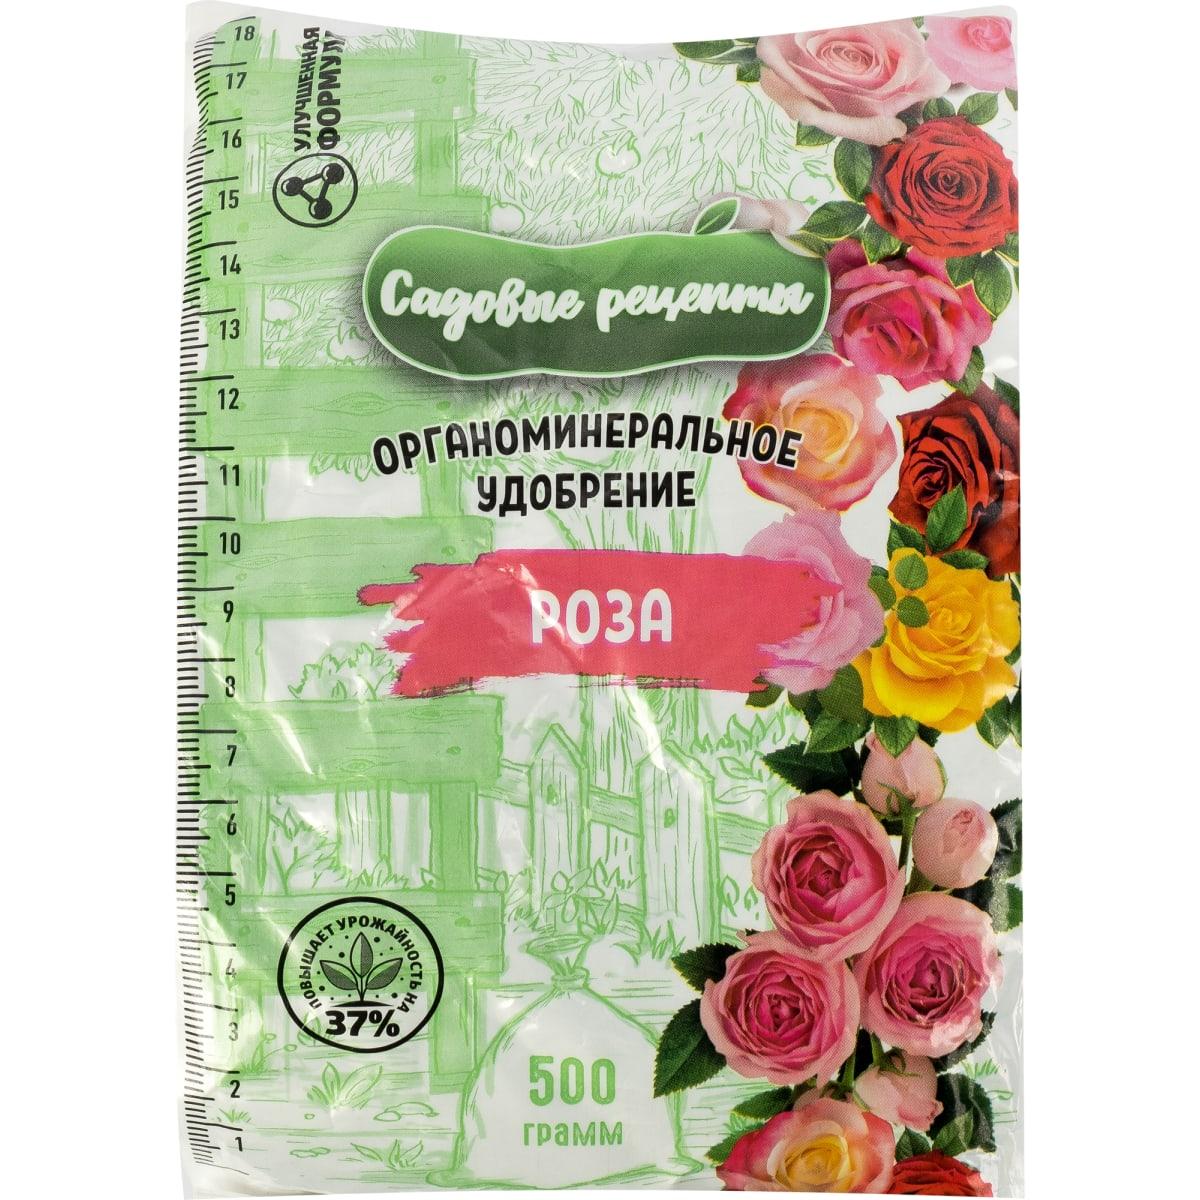 Удобрение Садовые рецепты для роз 0.5 кг